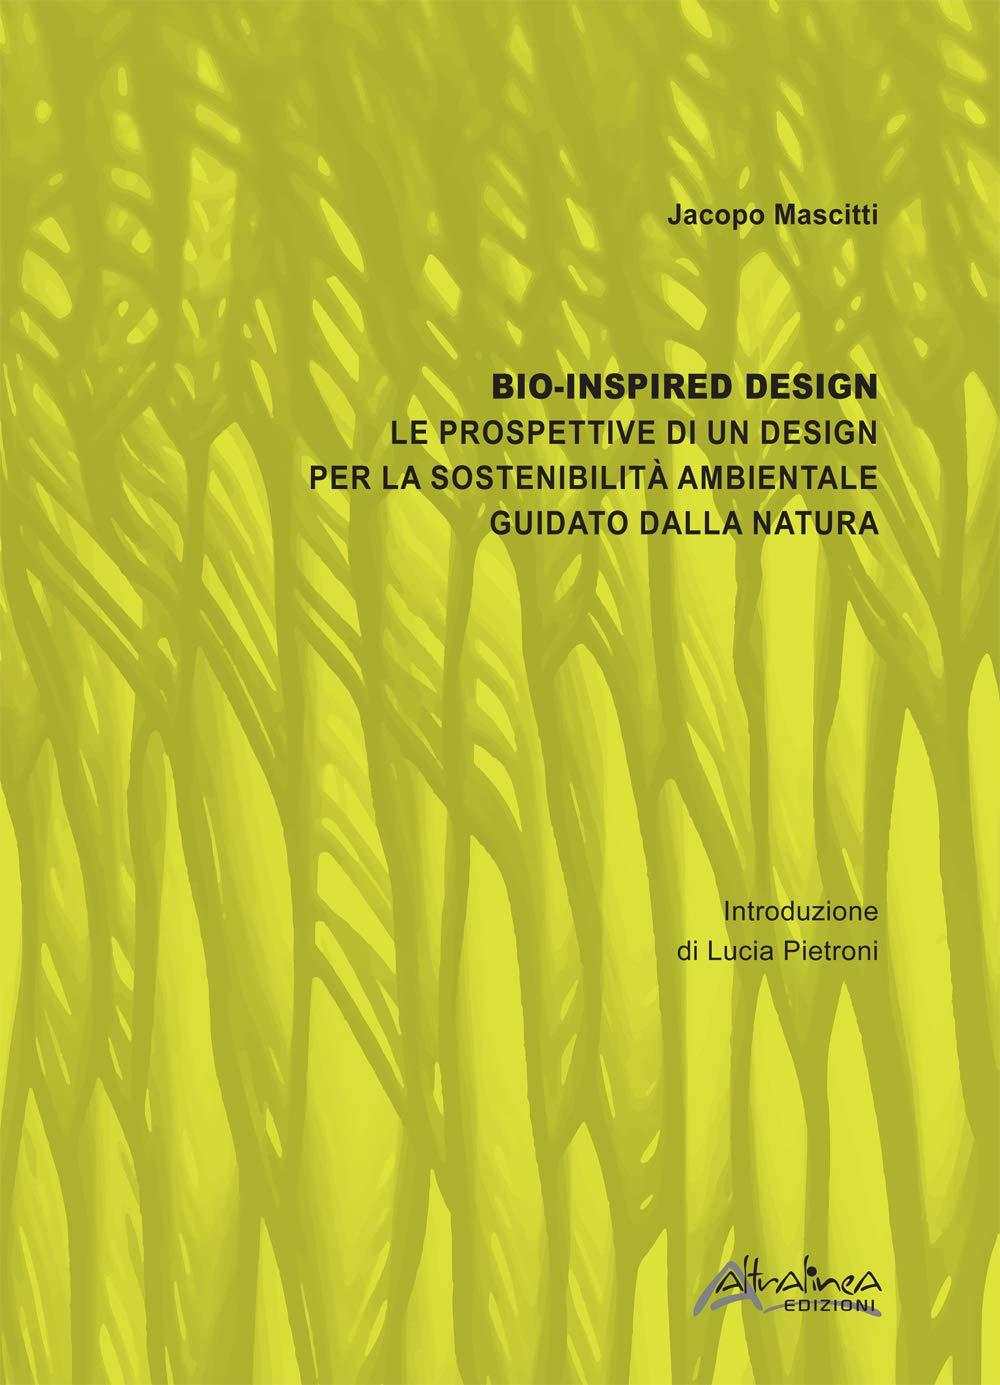 Bio-inspired Design. Le prospettive di un design per la sostenibilità ambientale...